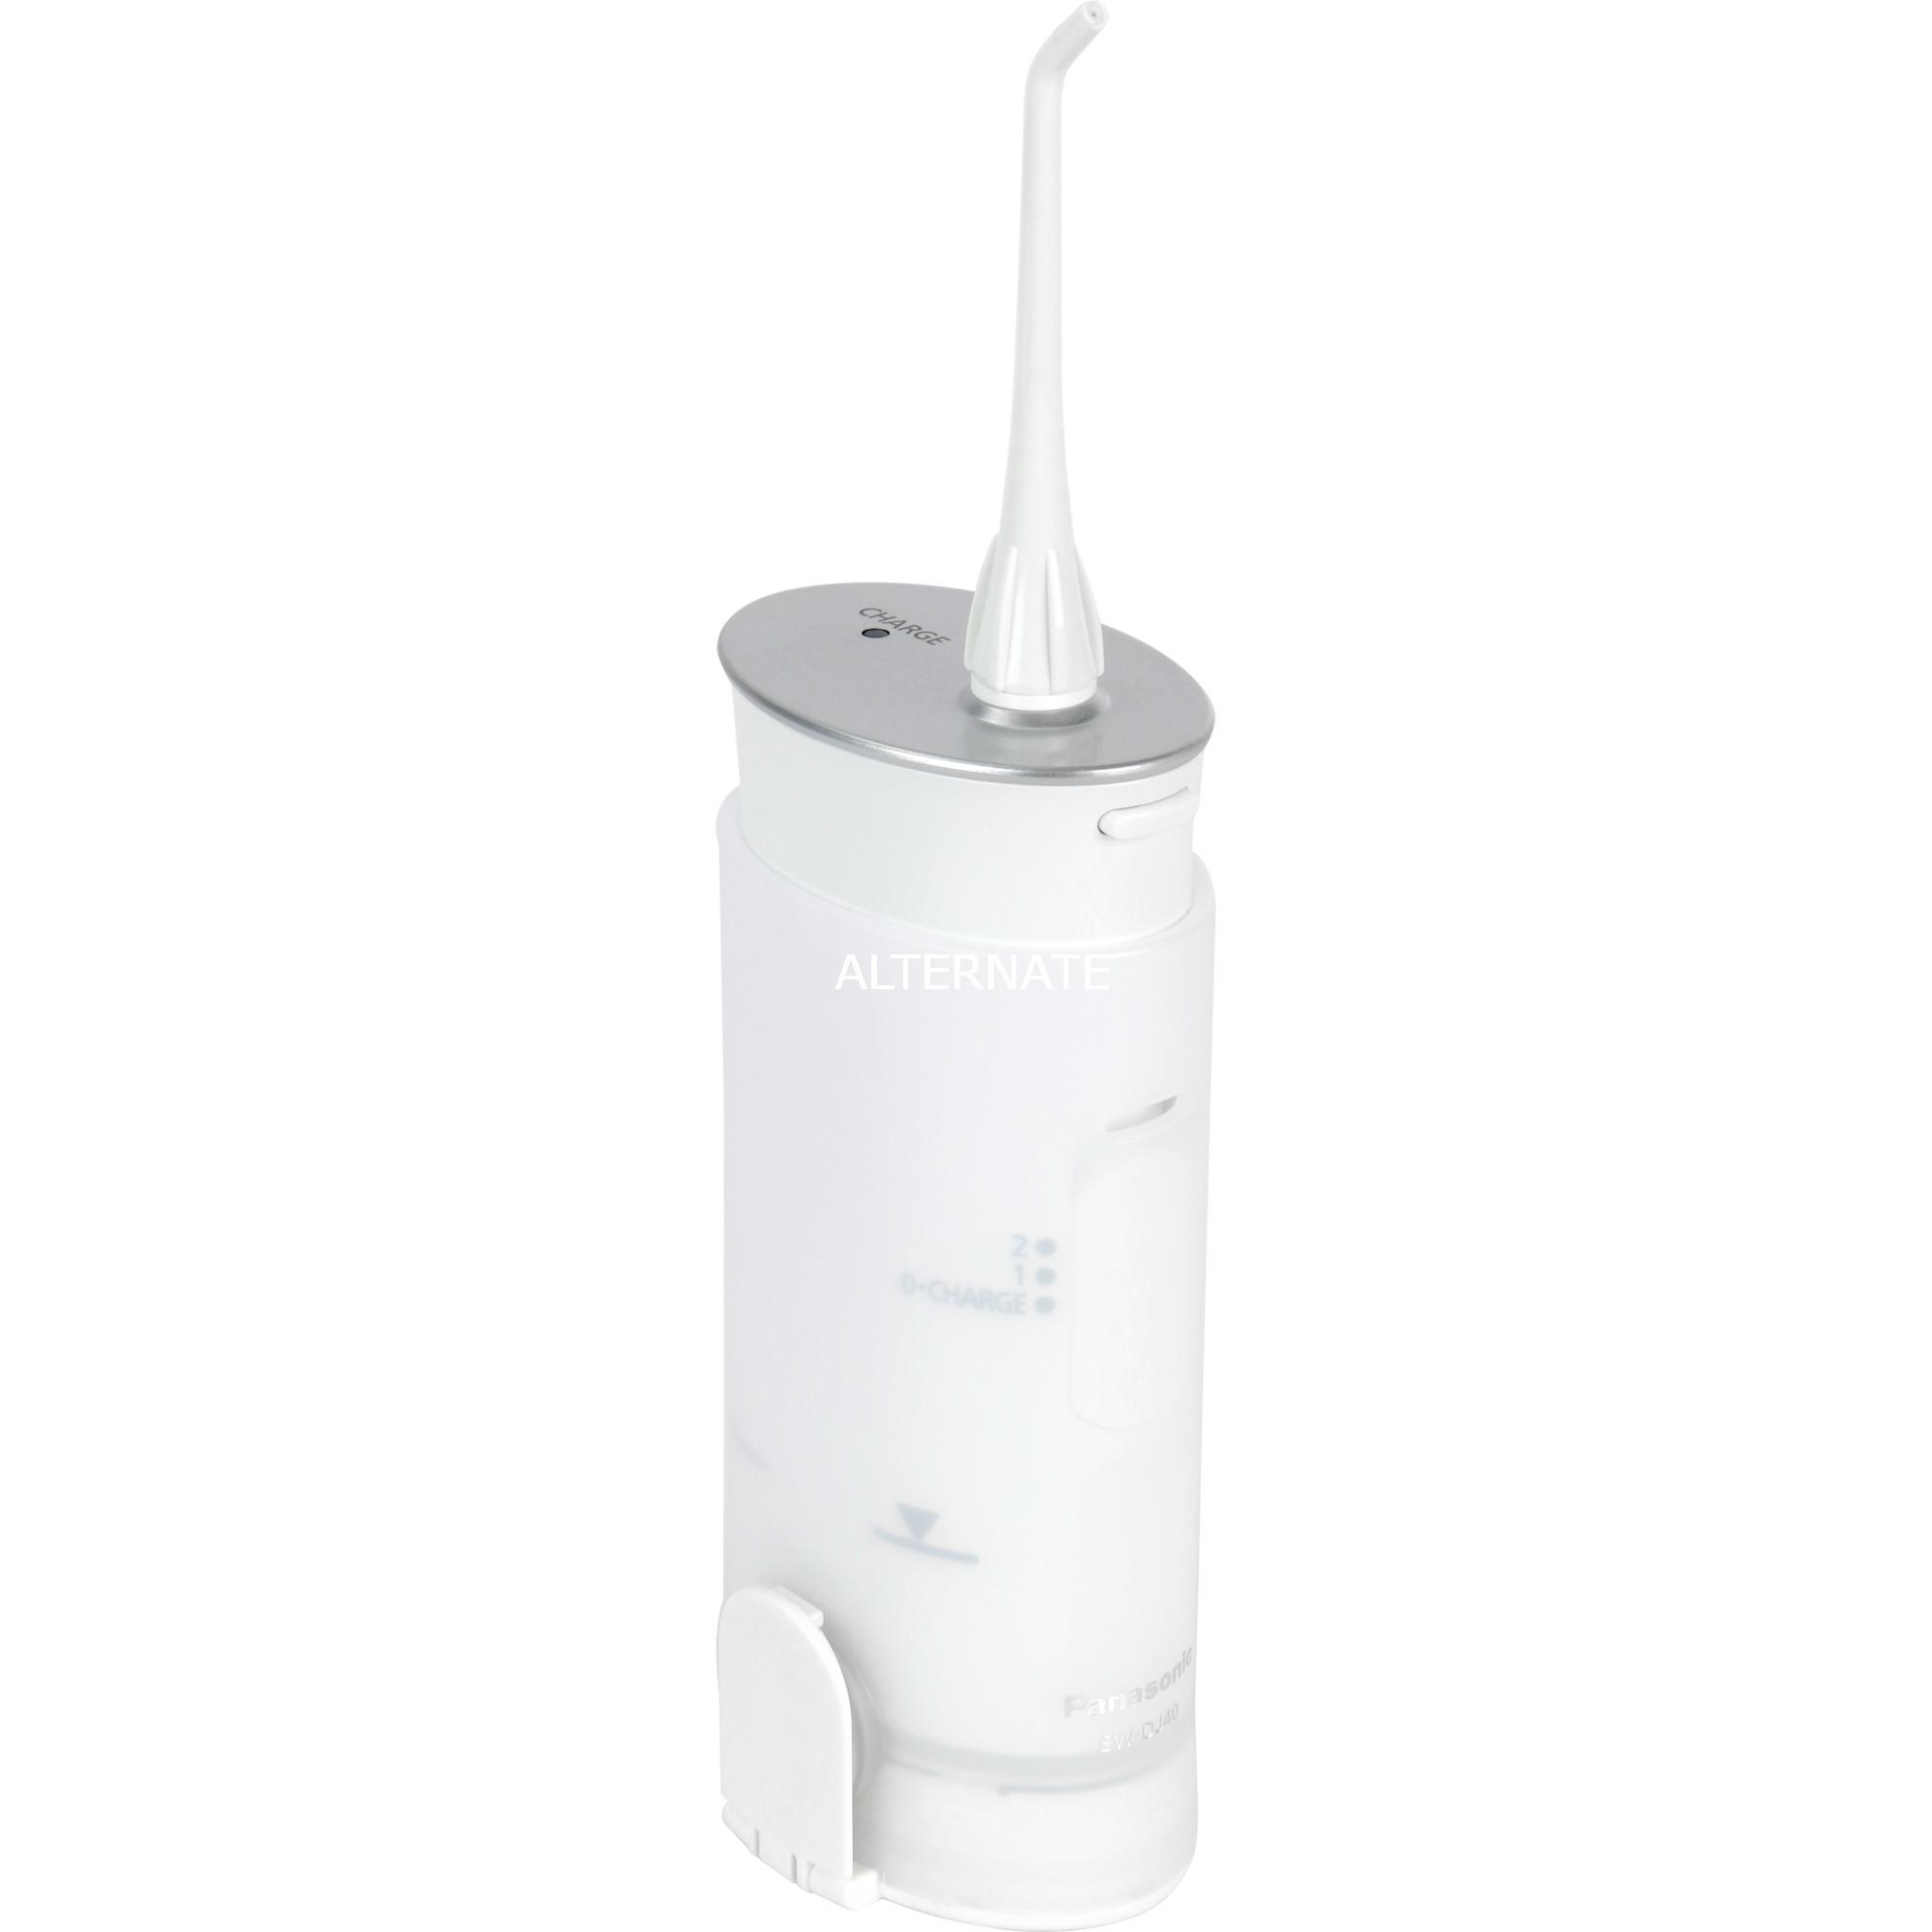 EW-DJ40 0.165L irrigador oral, Limpieza bucal